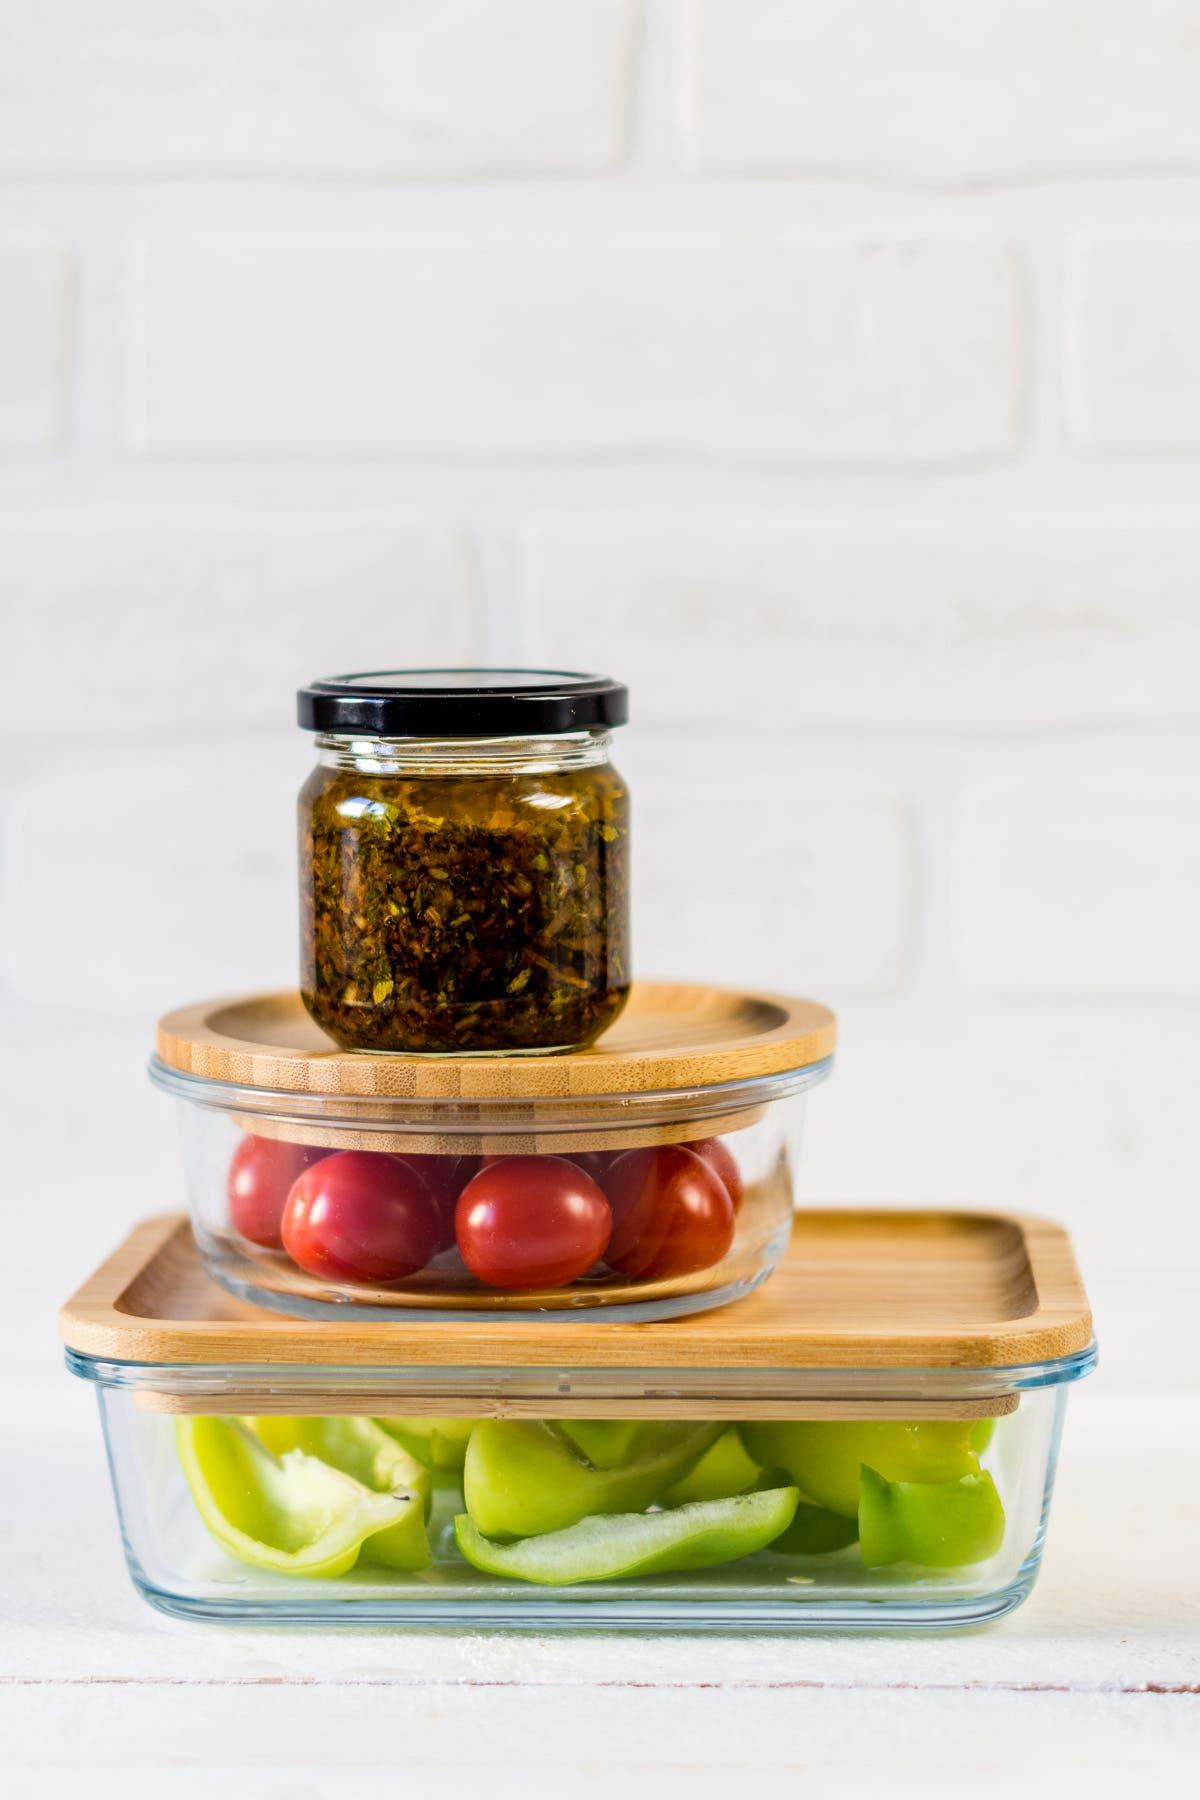 Mealprep Dosen mit Paprika, Tomaten und Soße